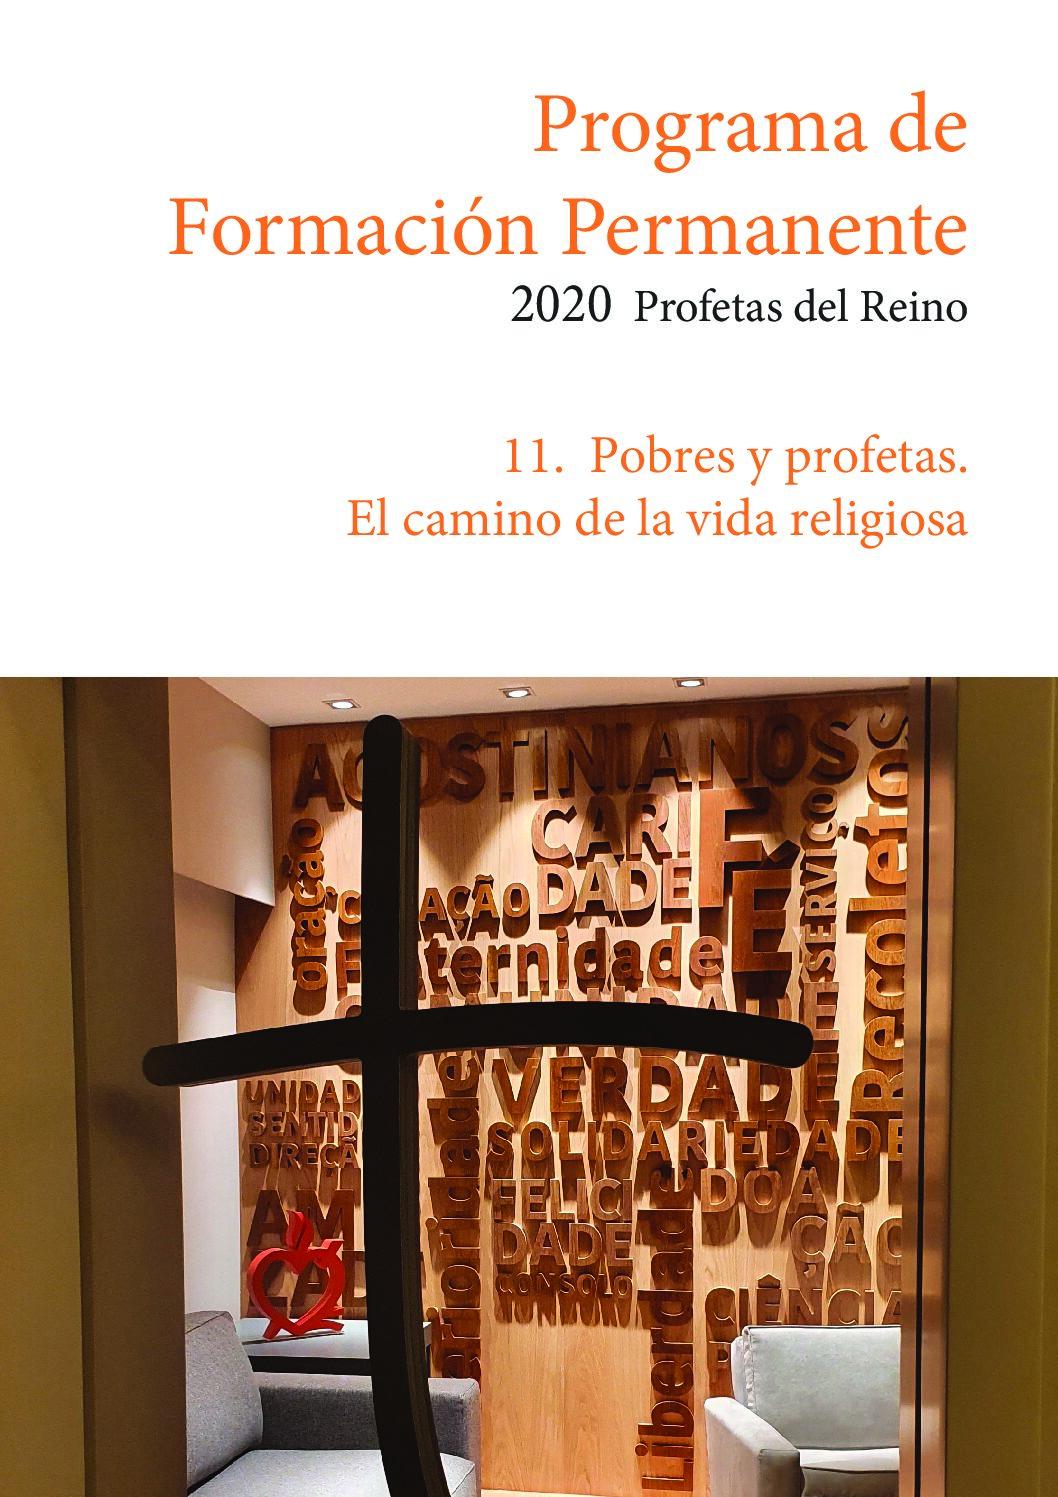 11-Pobres-y-profetas-El-camino-de-la-VR-pdf1.jpg